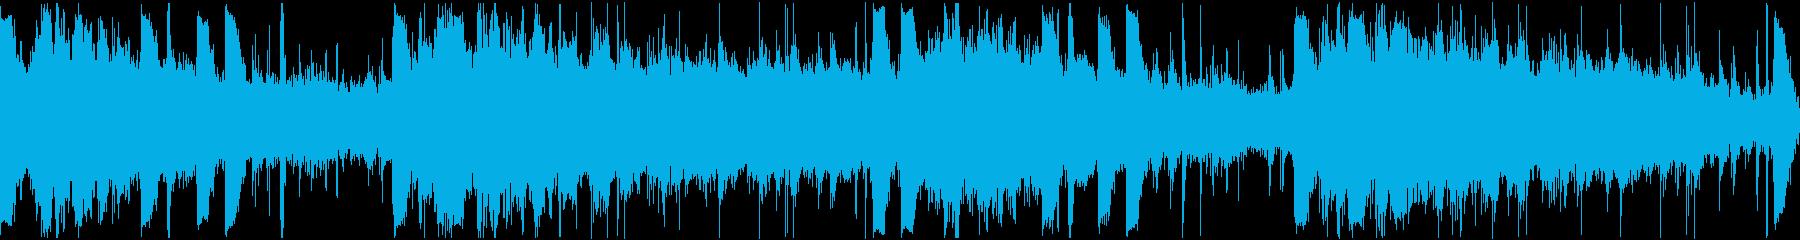 4声のギターによるアンビエント、チルの再生済みの波形